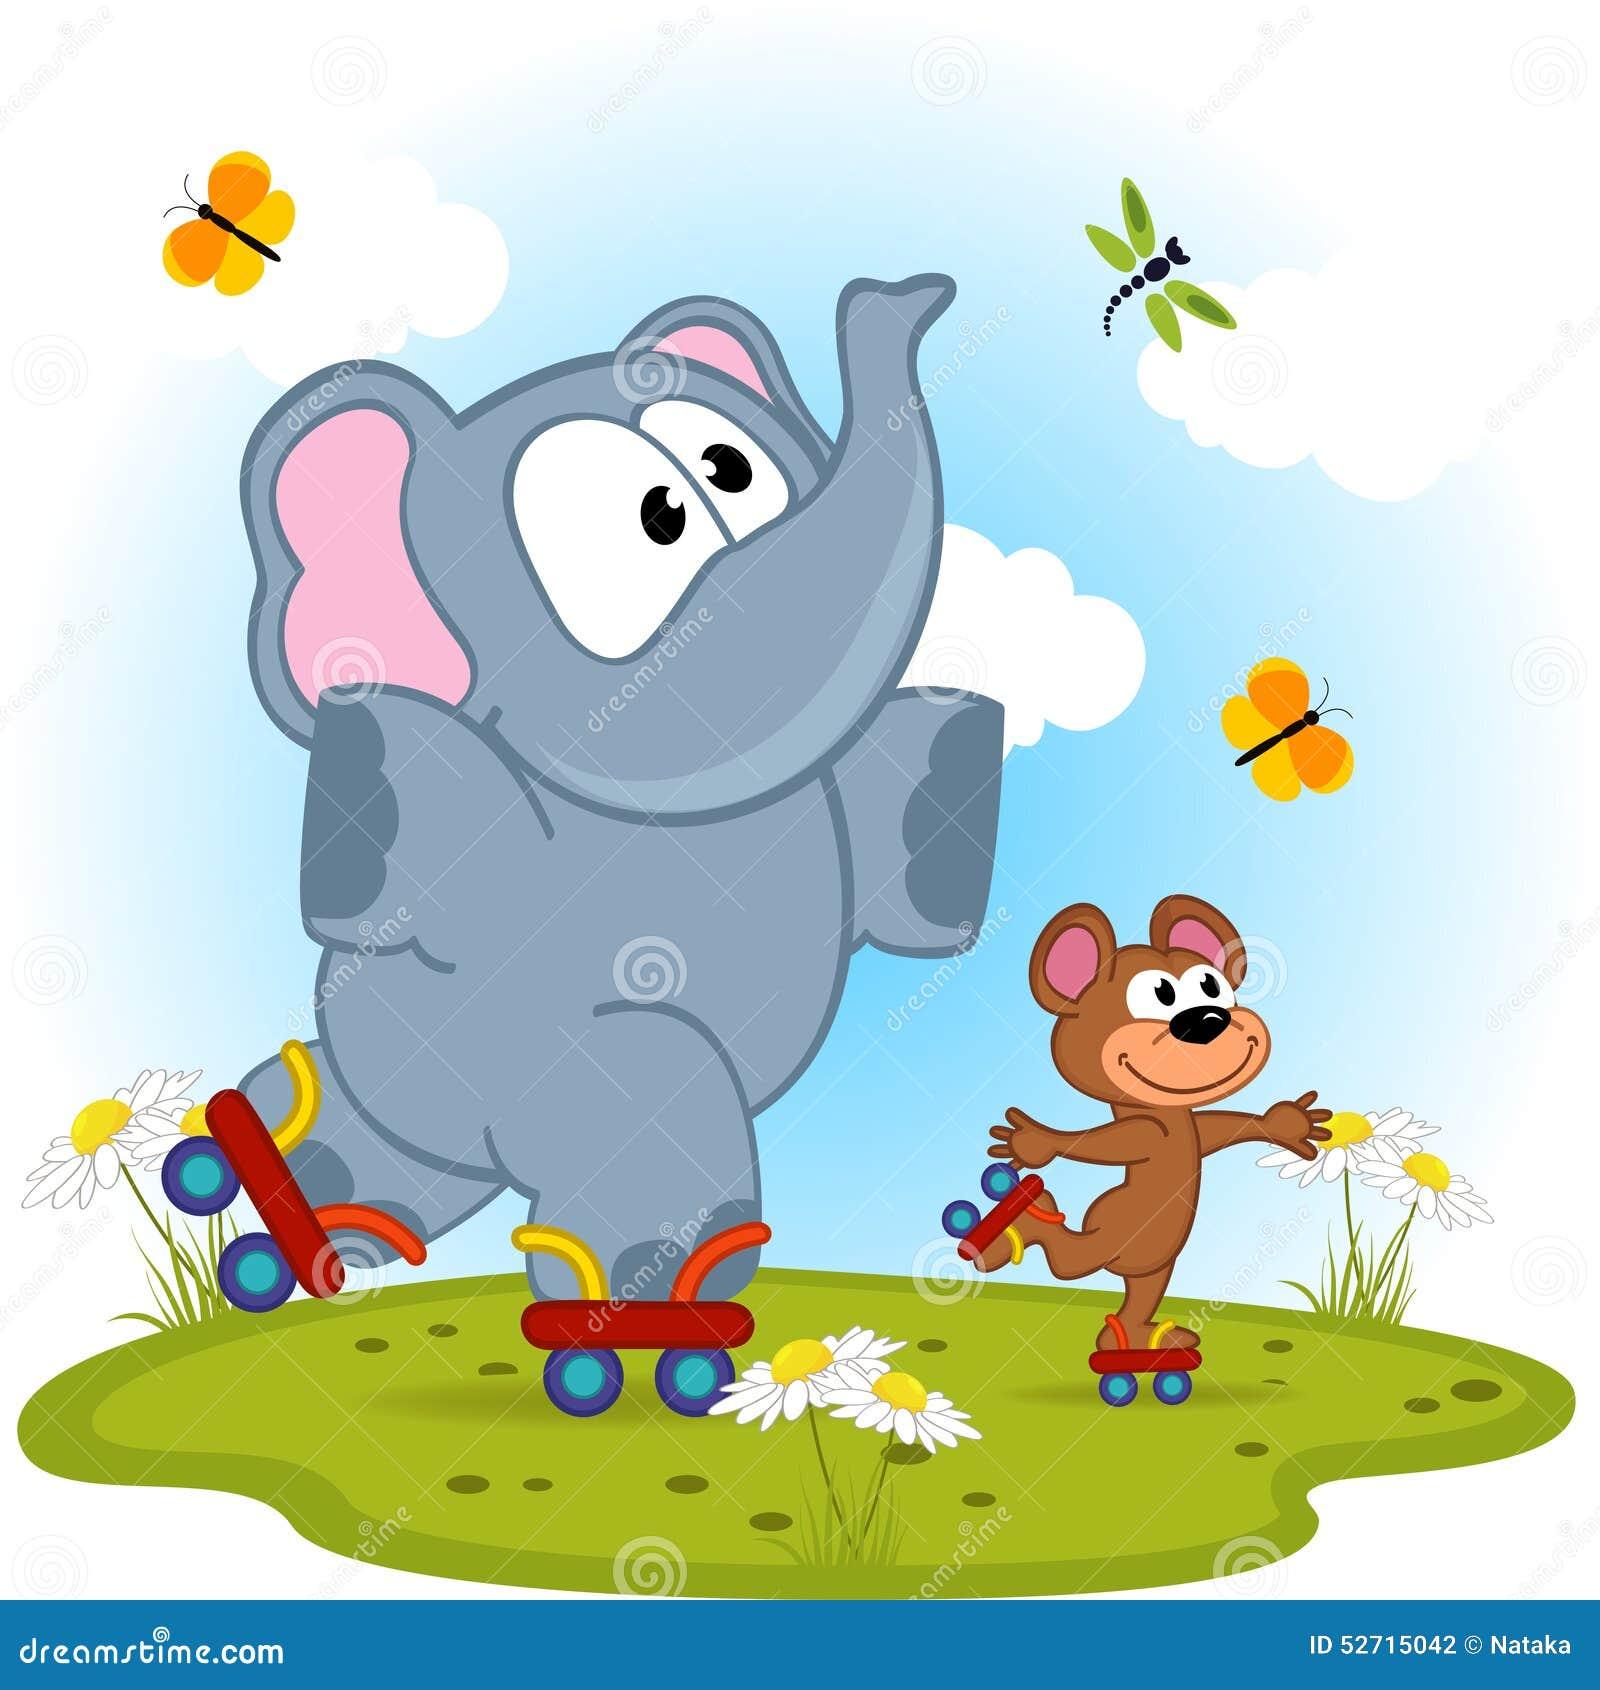 老鼠真的会游泳么,真的能把大象吃了么怎么吃的啊